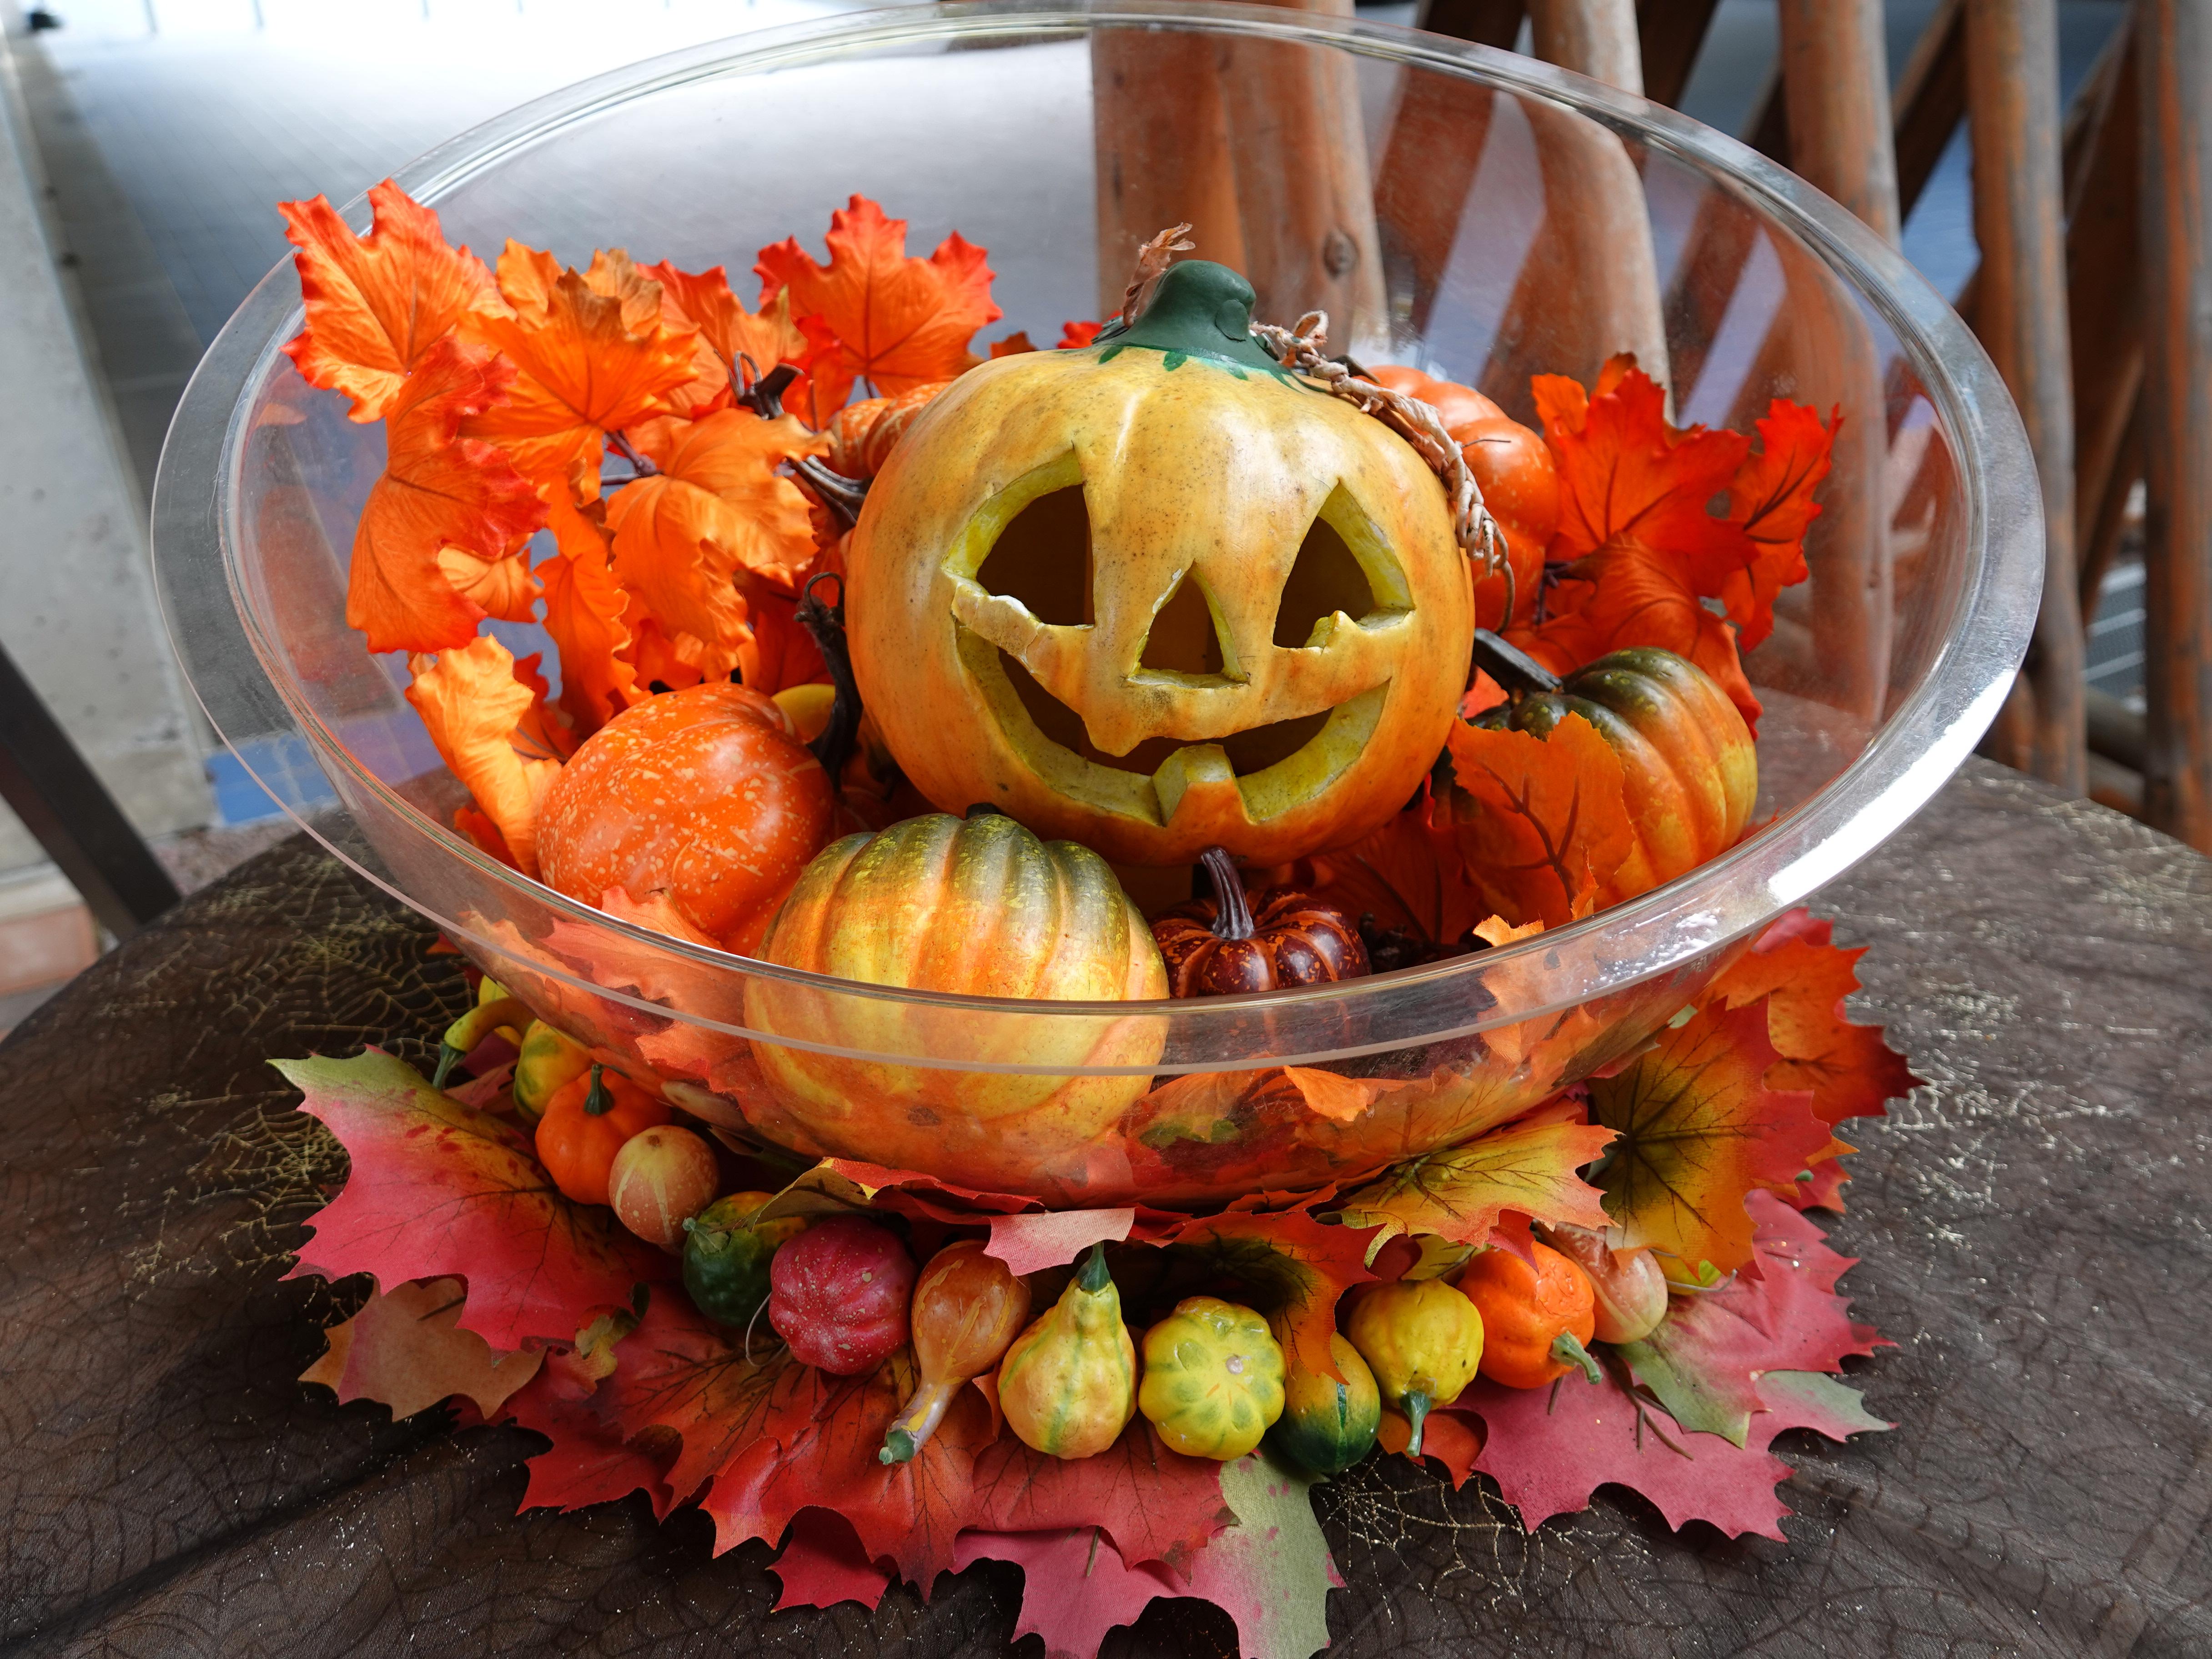 よこはま動物園ズーラシアでは動物にかぼちゃプレゼント!ハロウィン特別ガイドを楽しもう